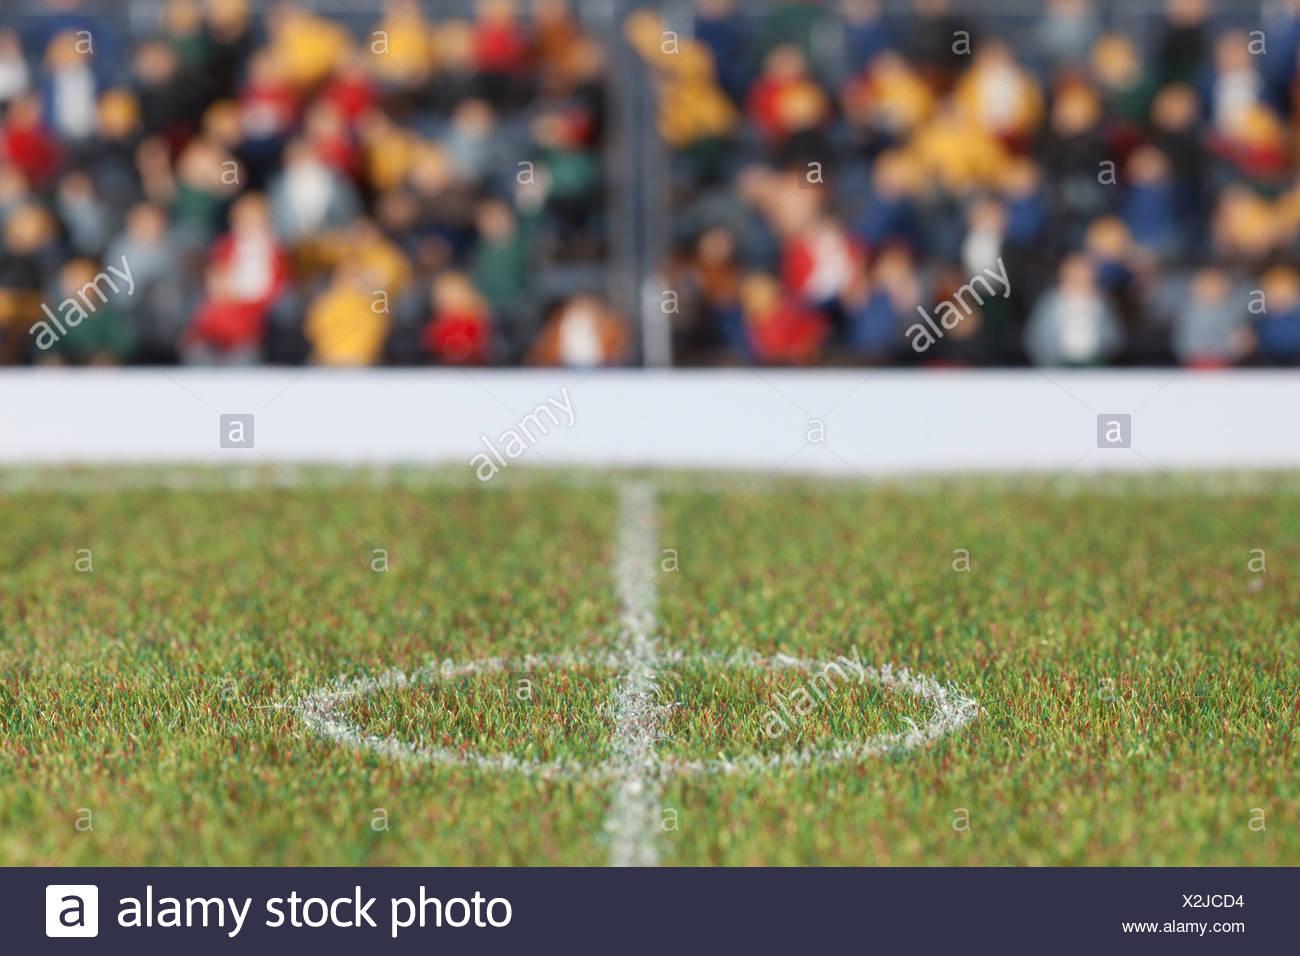 Das Mittelfeld wie ein Mini-Fußballfeld, Zuschauer Figuren im Hintergrund Stockbild